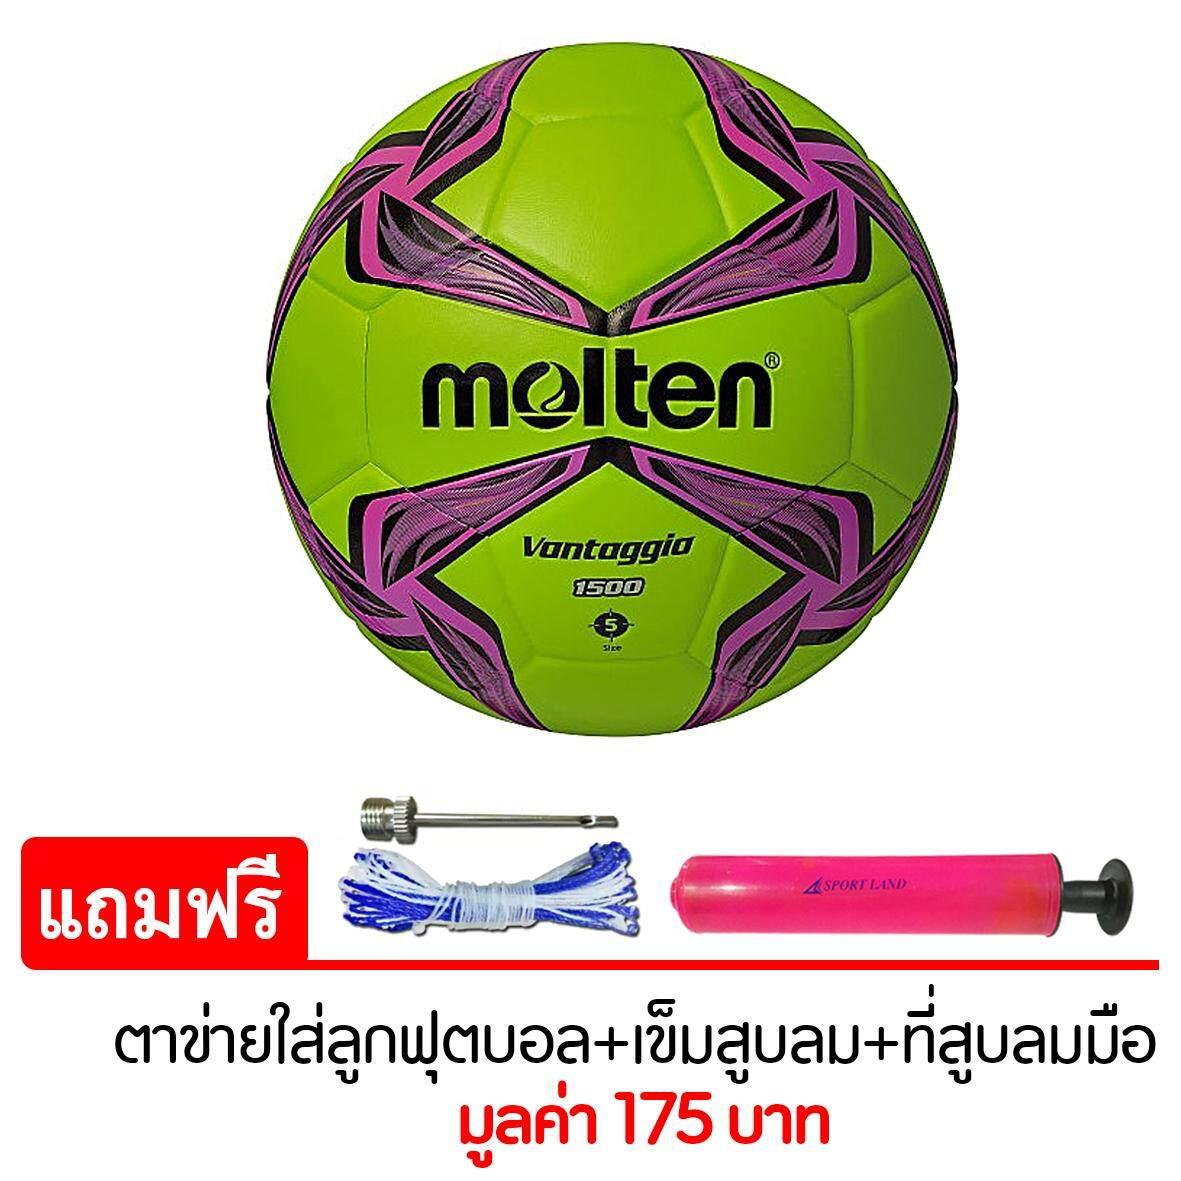 สอนใช้งาน  น่าน MOLTEN ลูกฟุตบอล Football PVC F5V1500-GP เบอร์5  แถมฟรี ตาข่ายใส่ลูกฟุตบอล + เข็มสูบลม + สูบมือ SPL รุ่น SL6 สีชมพู